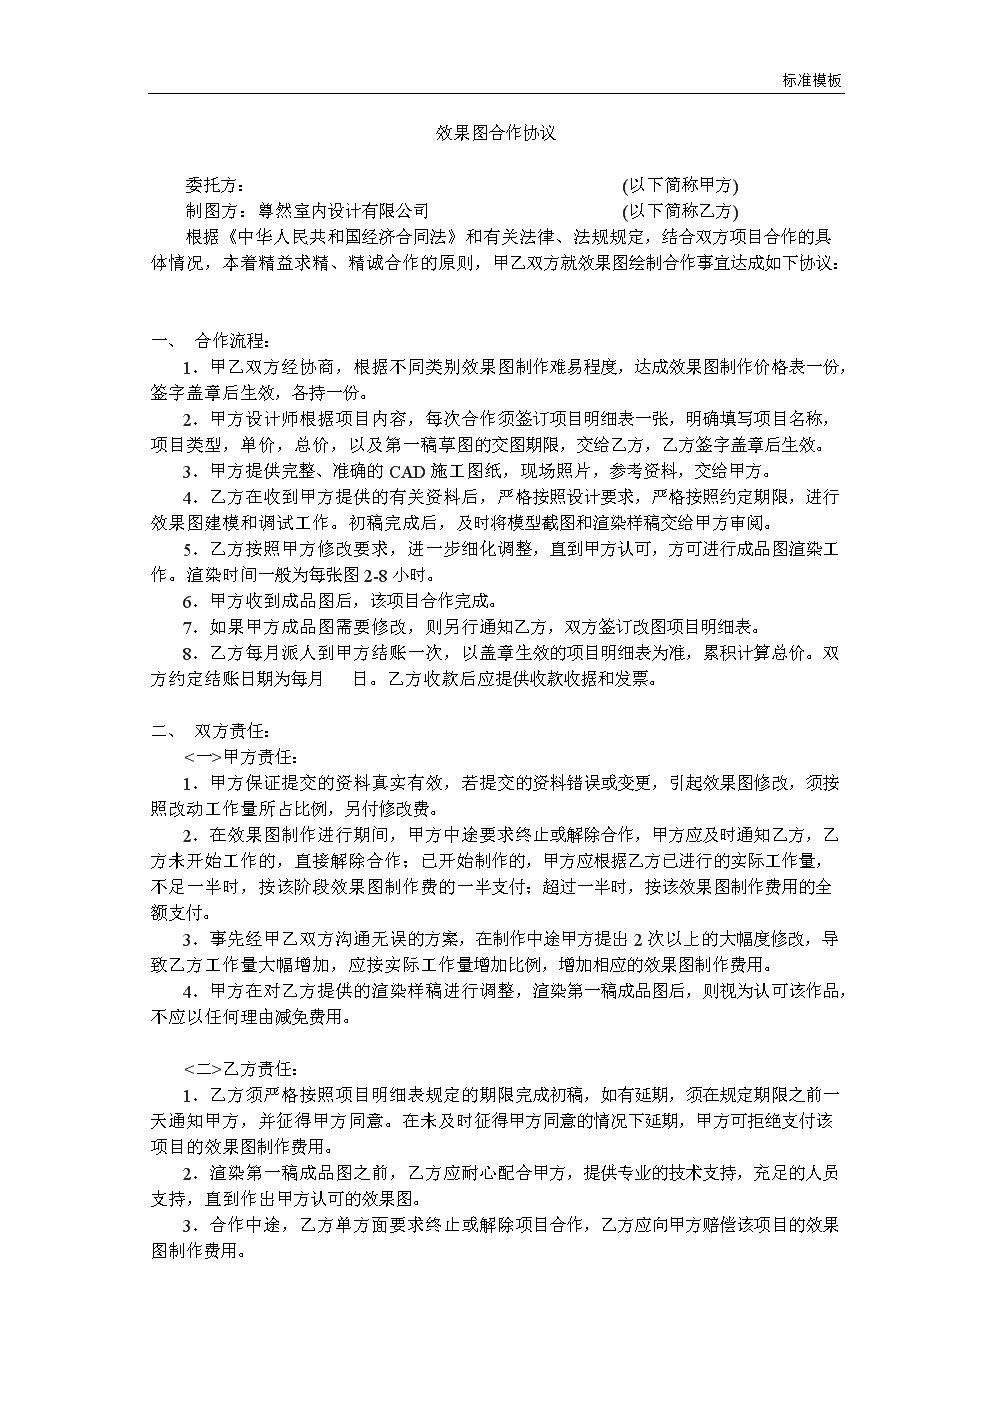 (精选模板)效果图制作协议.doc